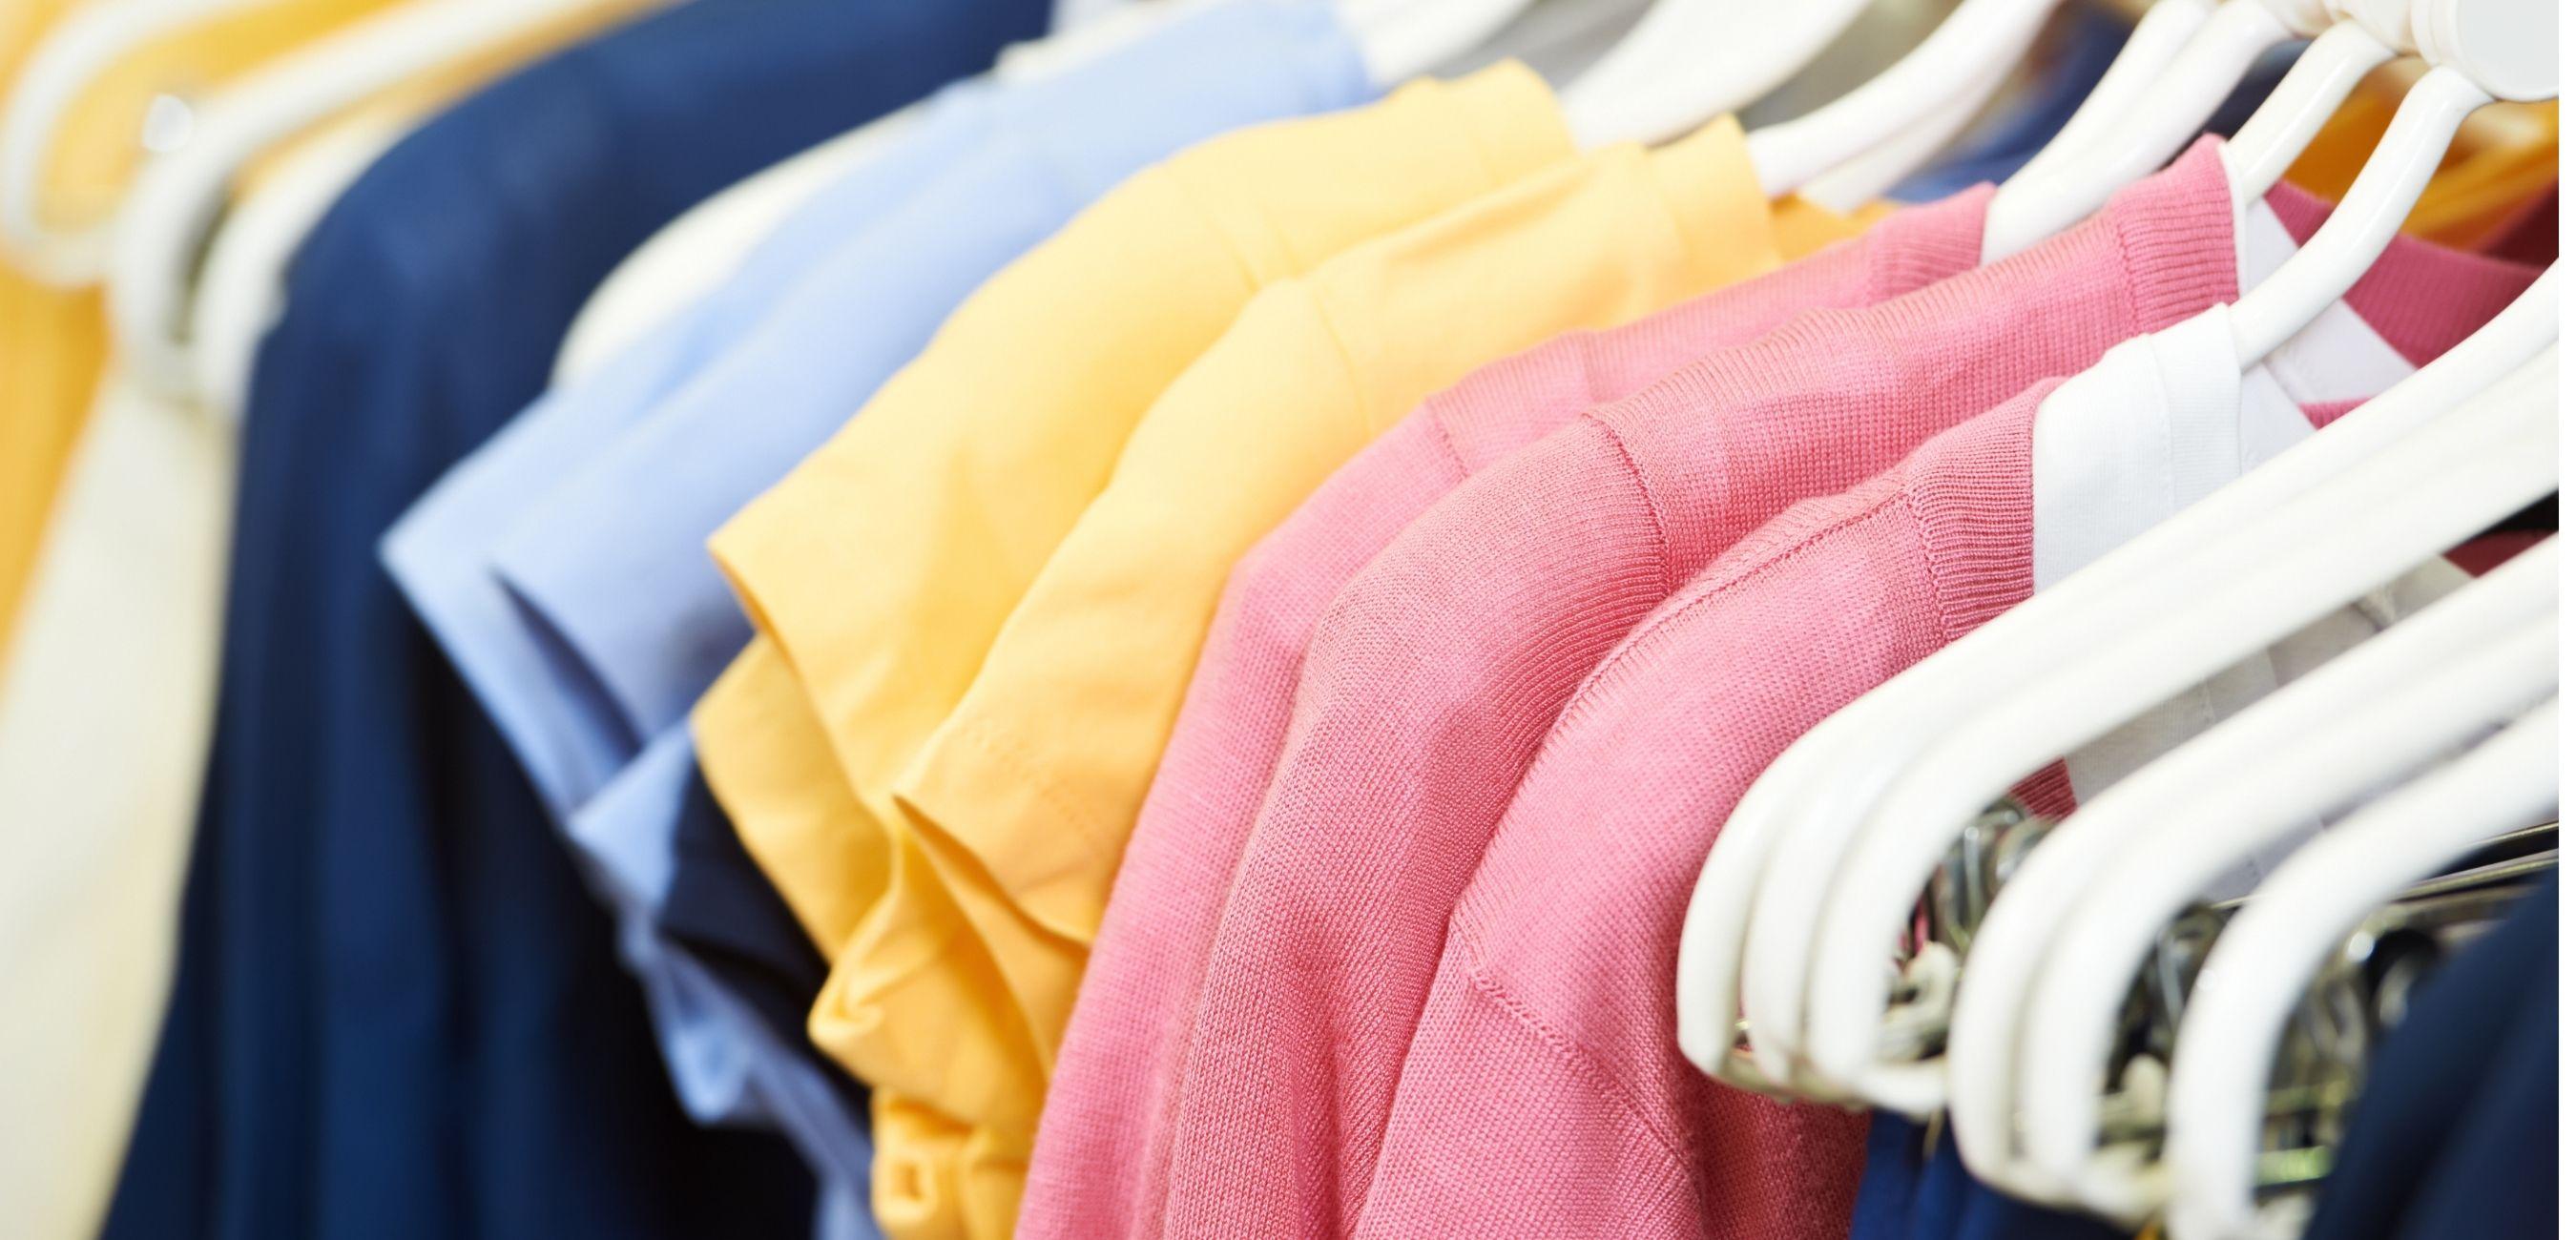 Benefits of Wholesale Clothing